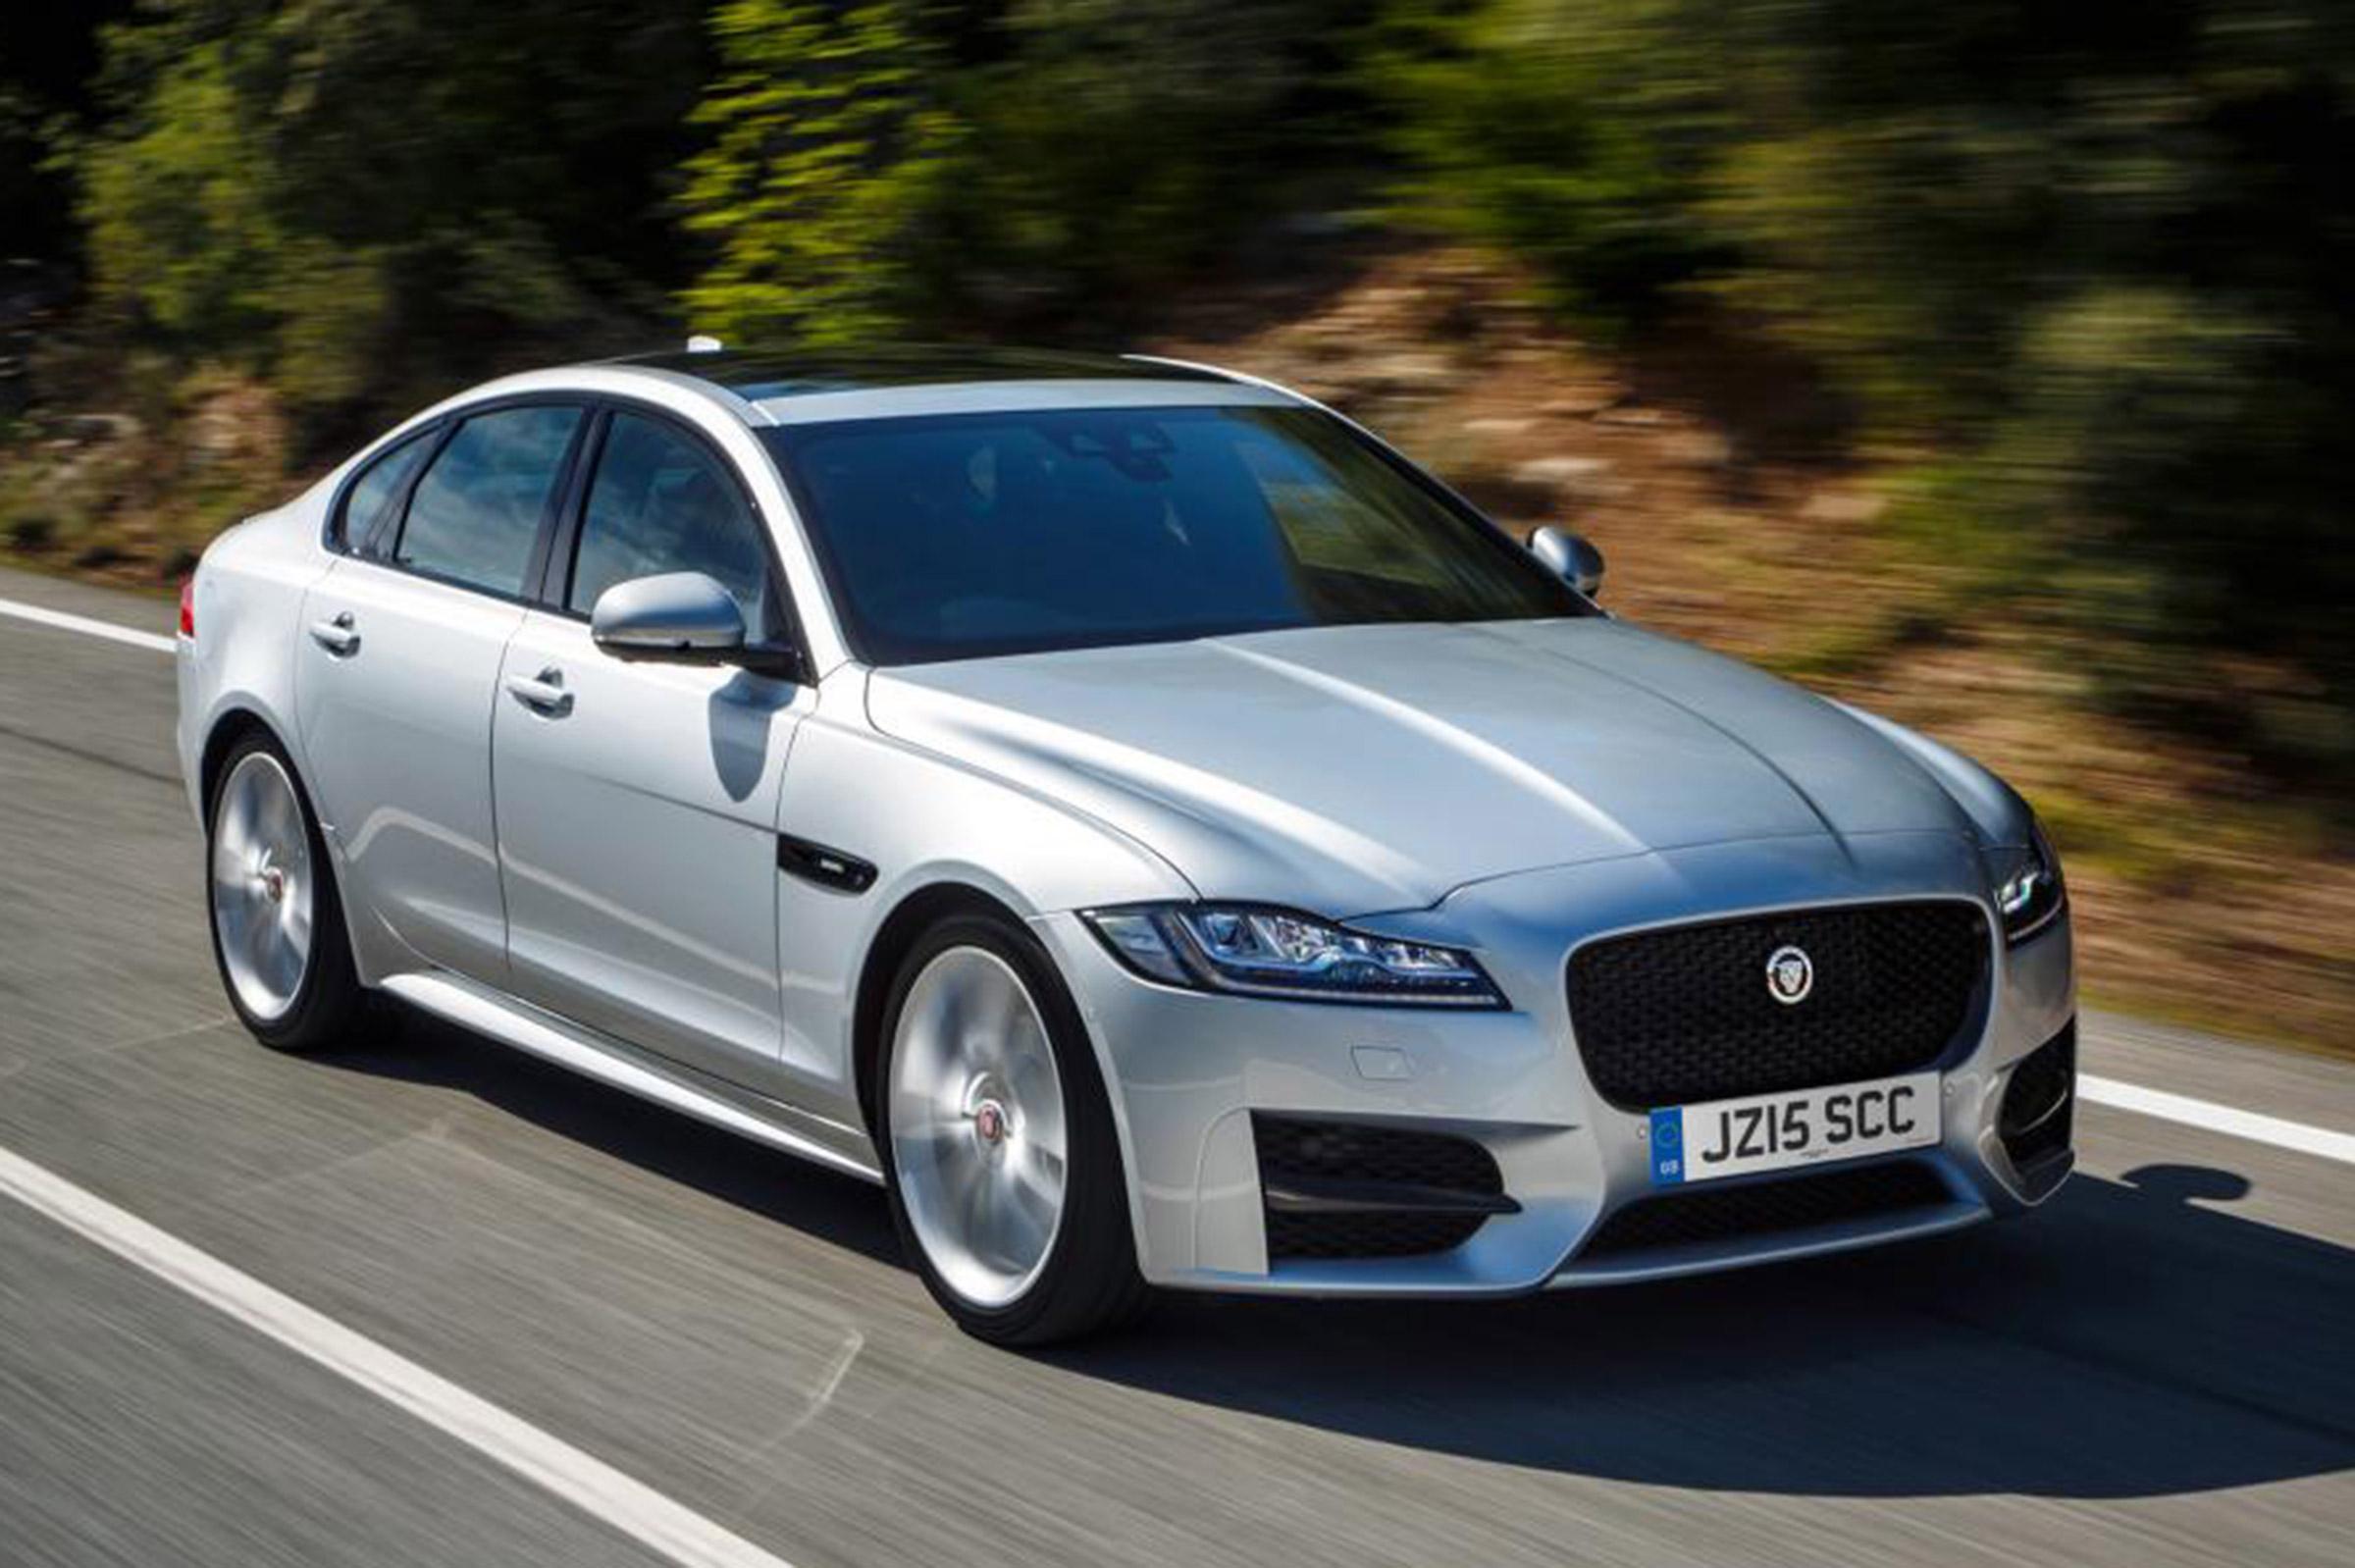 Jaguar XF - best executive cars | Auto Express